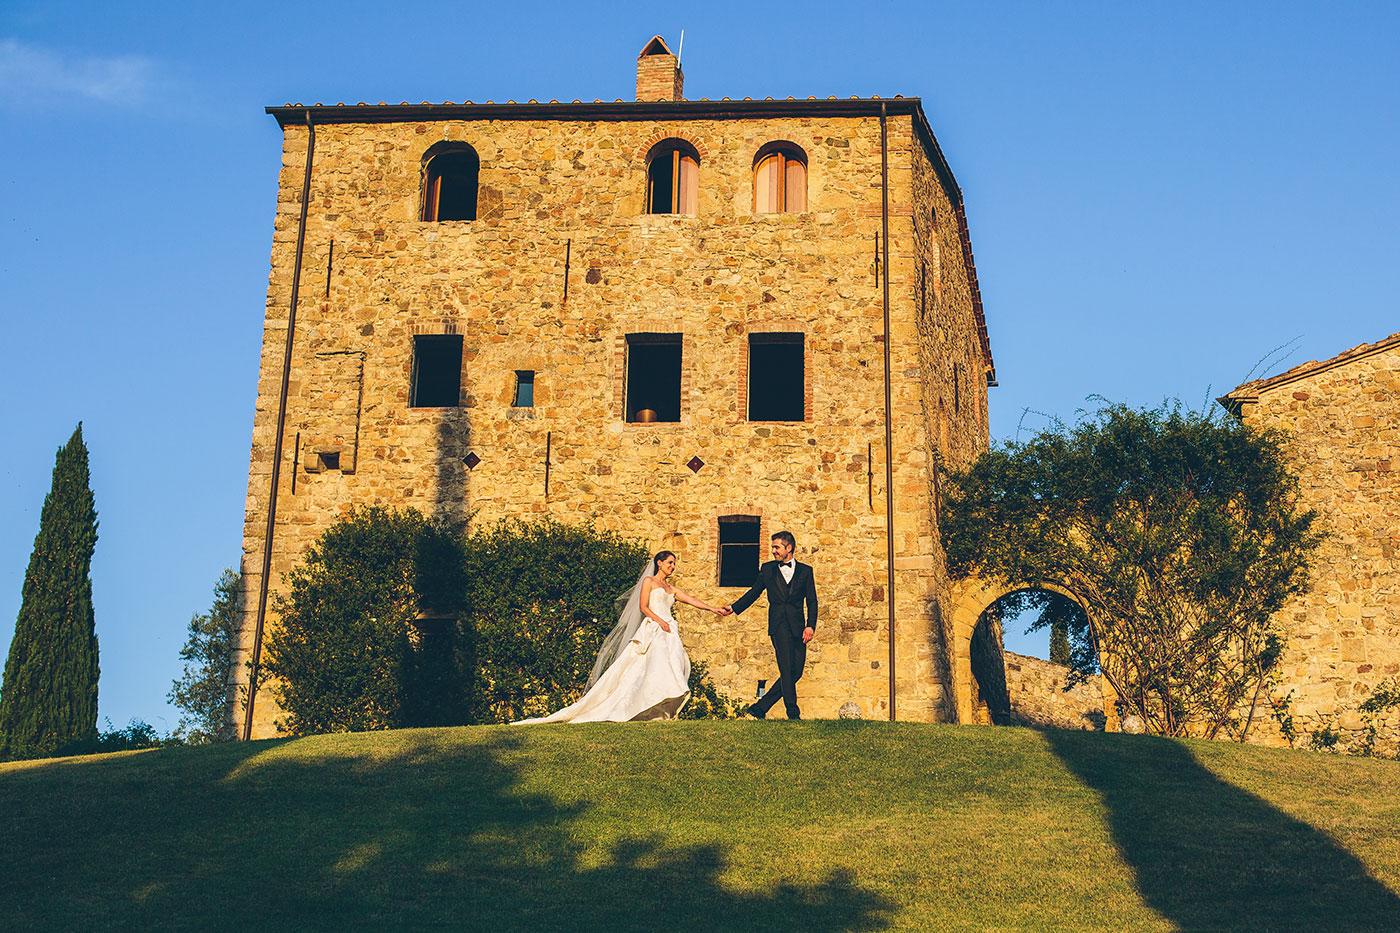 Castello di Vicarello Wedding Venue